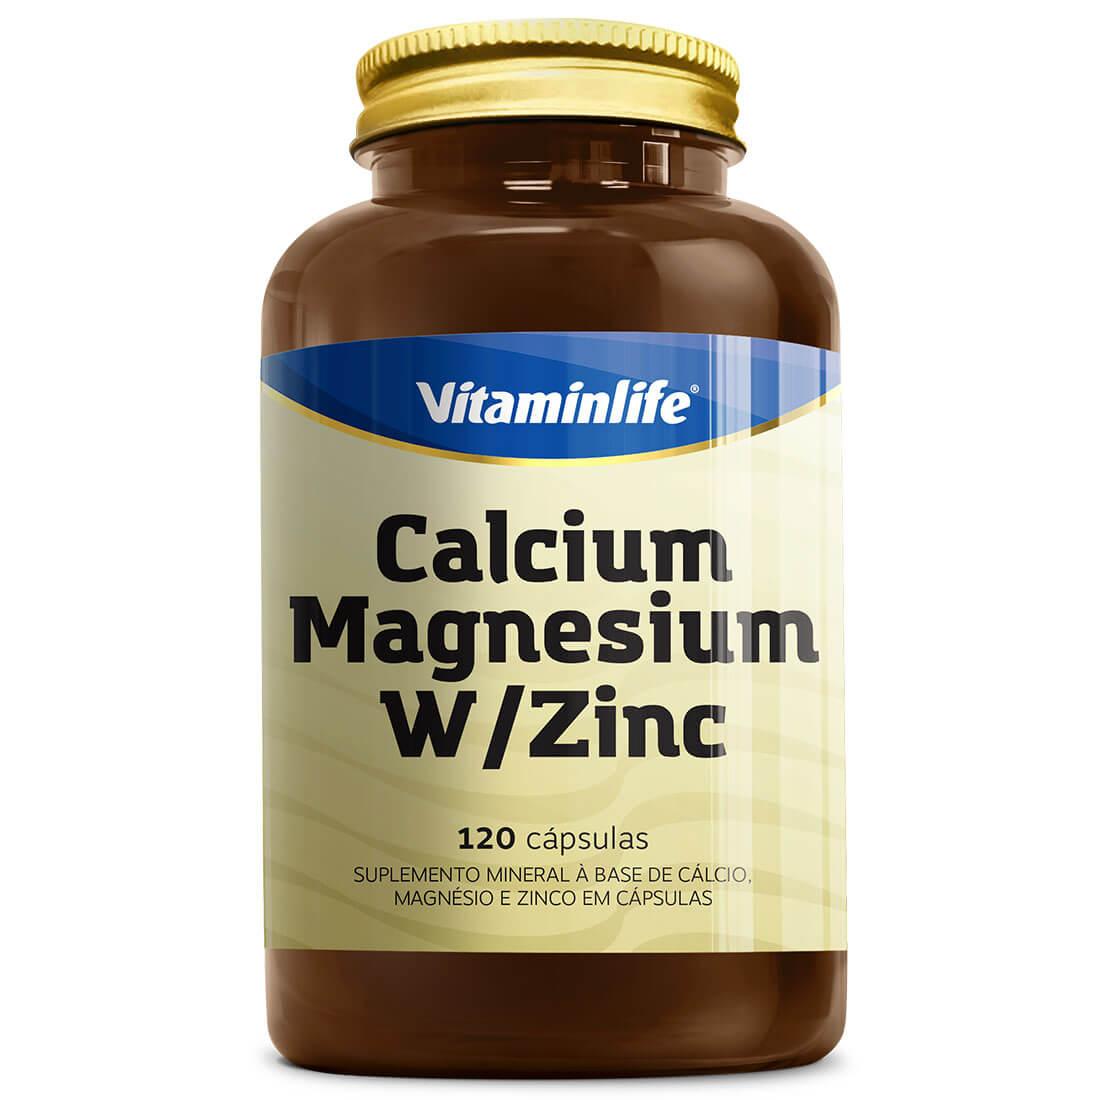 CALCIUM MAGNESIUM W/ ZINC 120 CAPS - VITAMIN LIFE